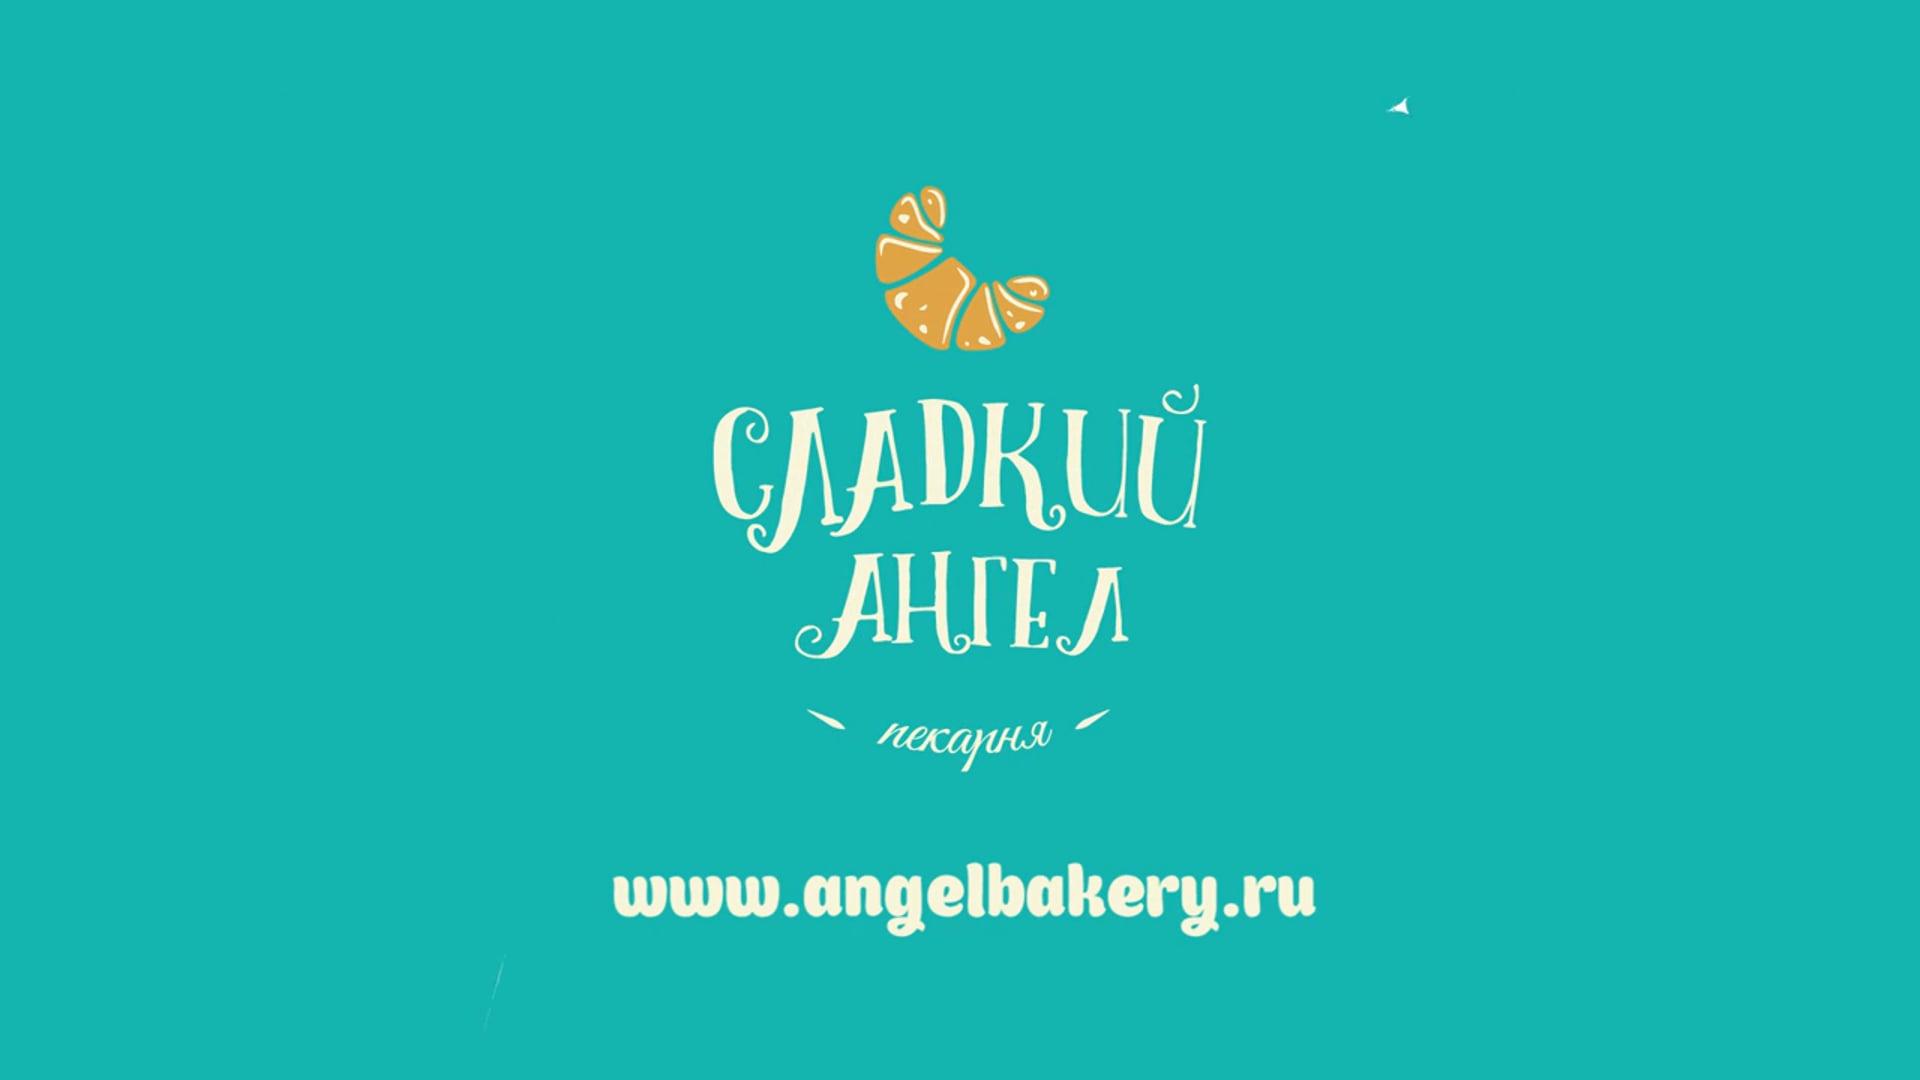 Сладкие мысли, Пекарня Сладкий Ангел (New Official Promo)